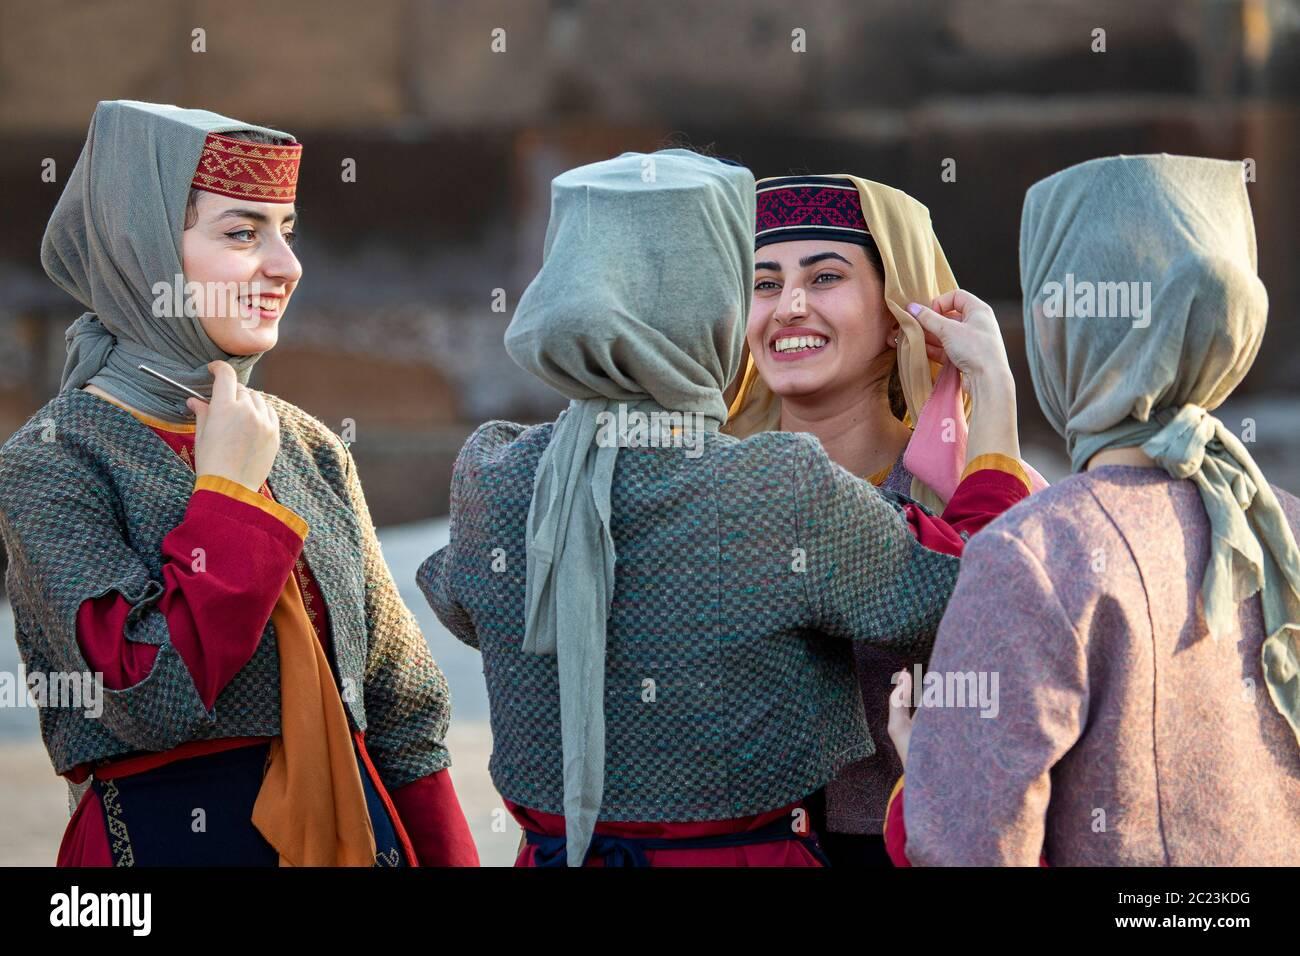 Armenische Nationaltracht Stockfotos Und Bilder Kaufen Alamy